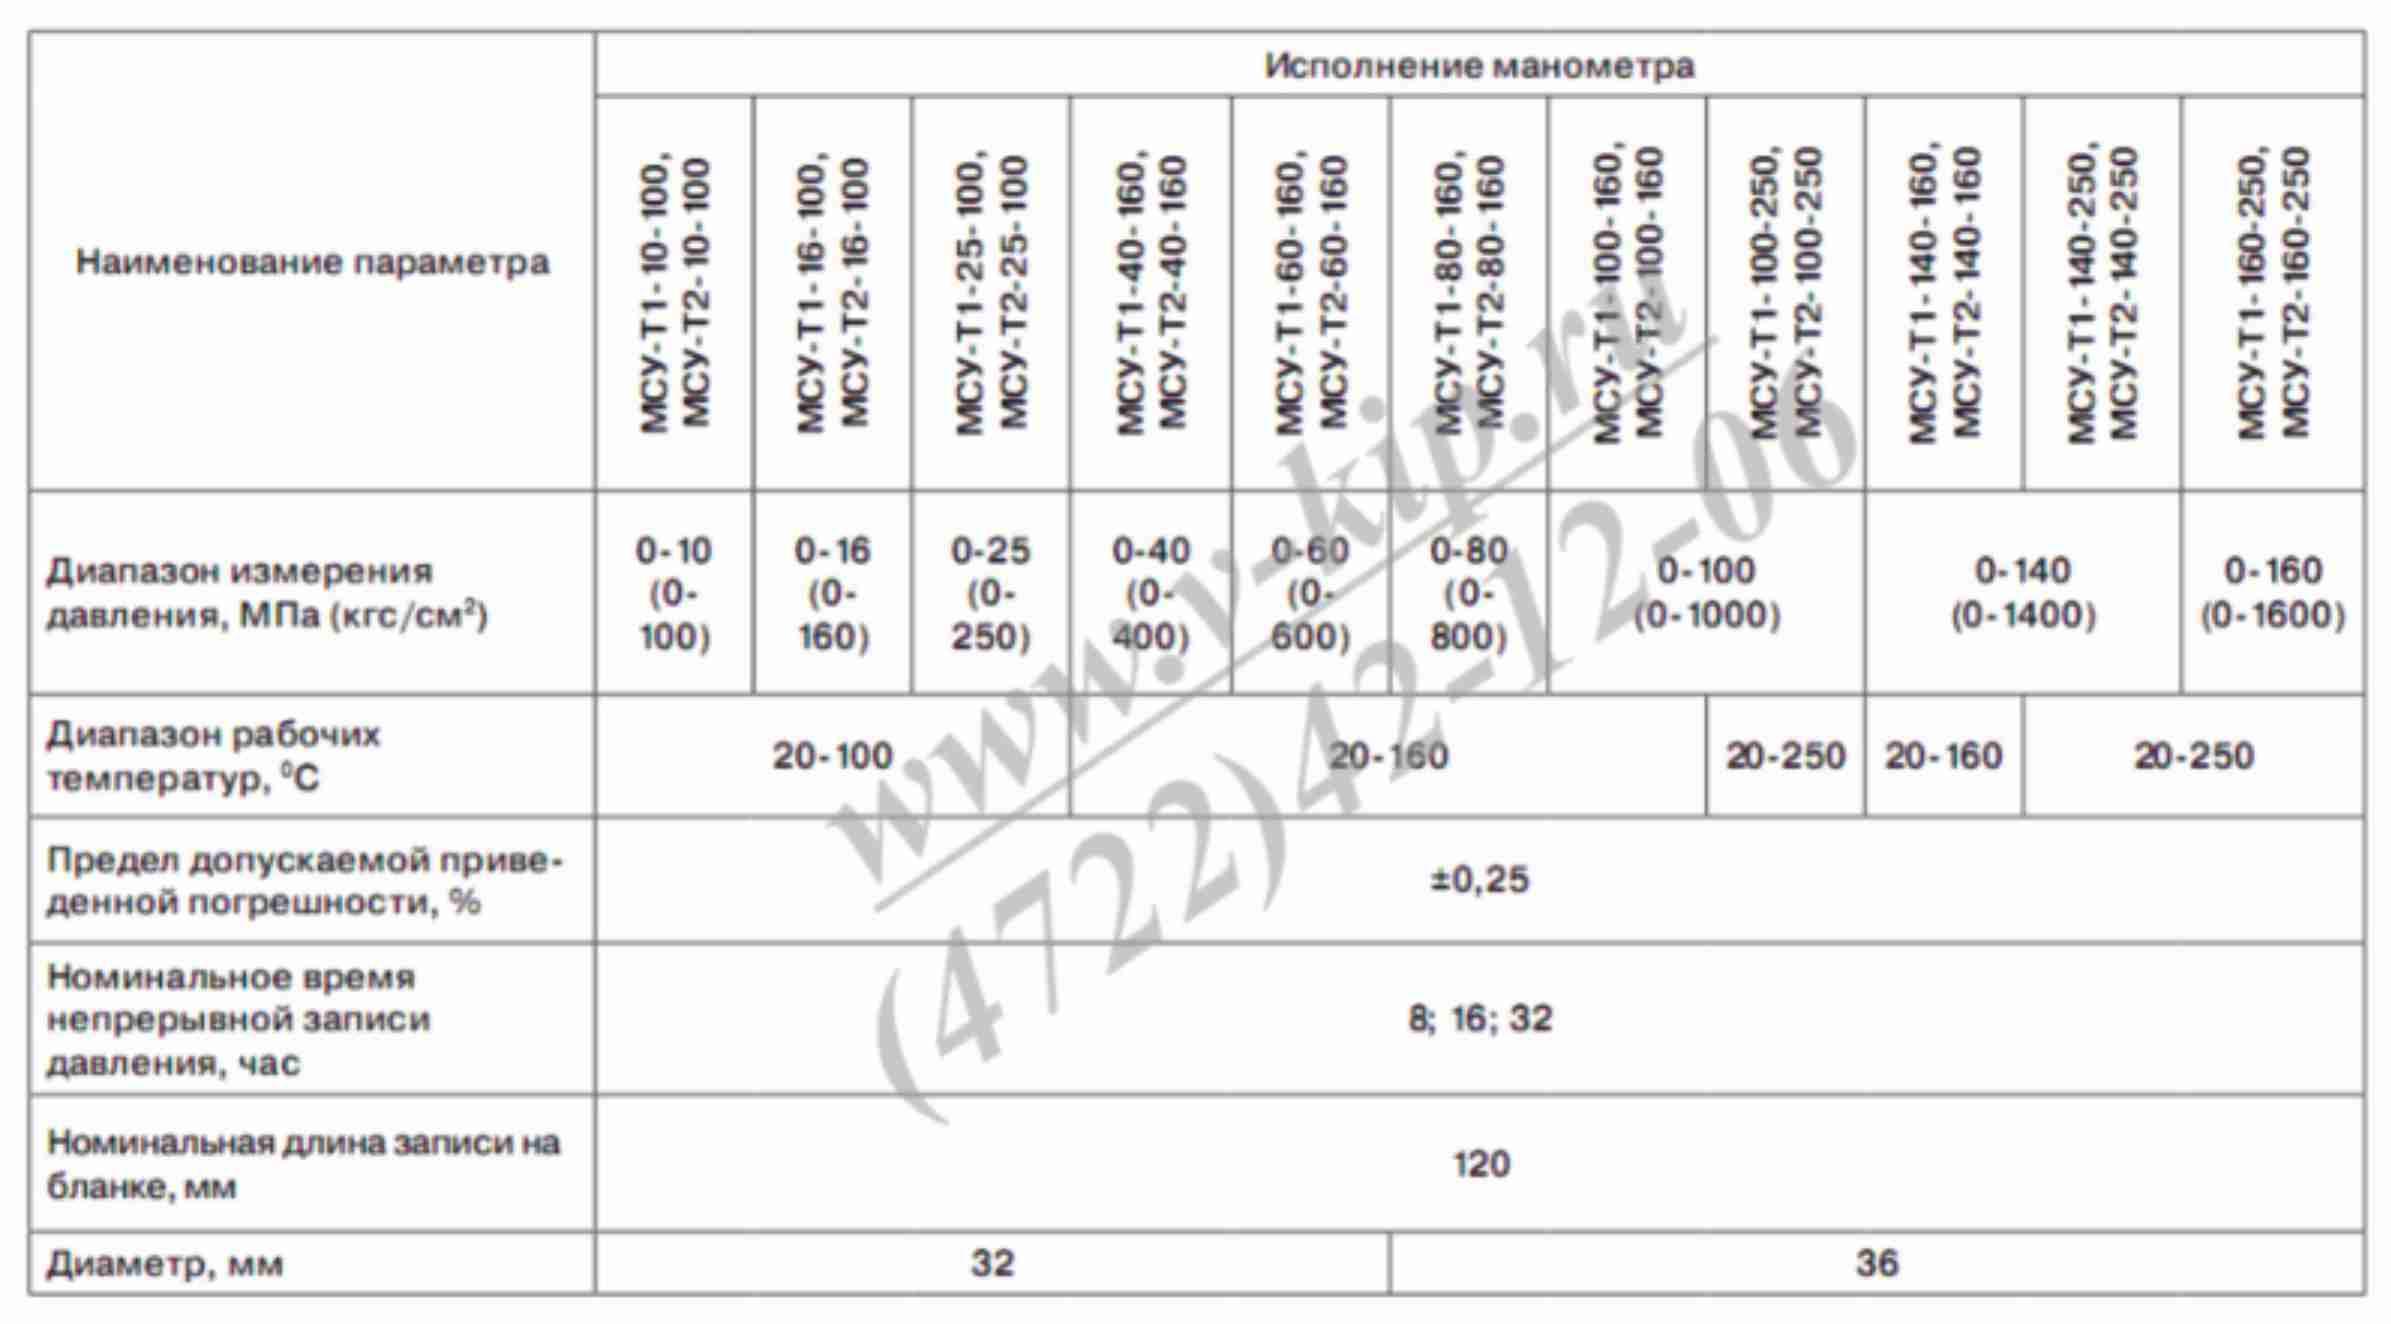 Основные технические данные манометров МСУ-Т